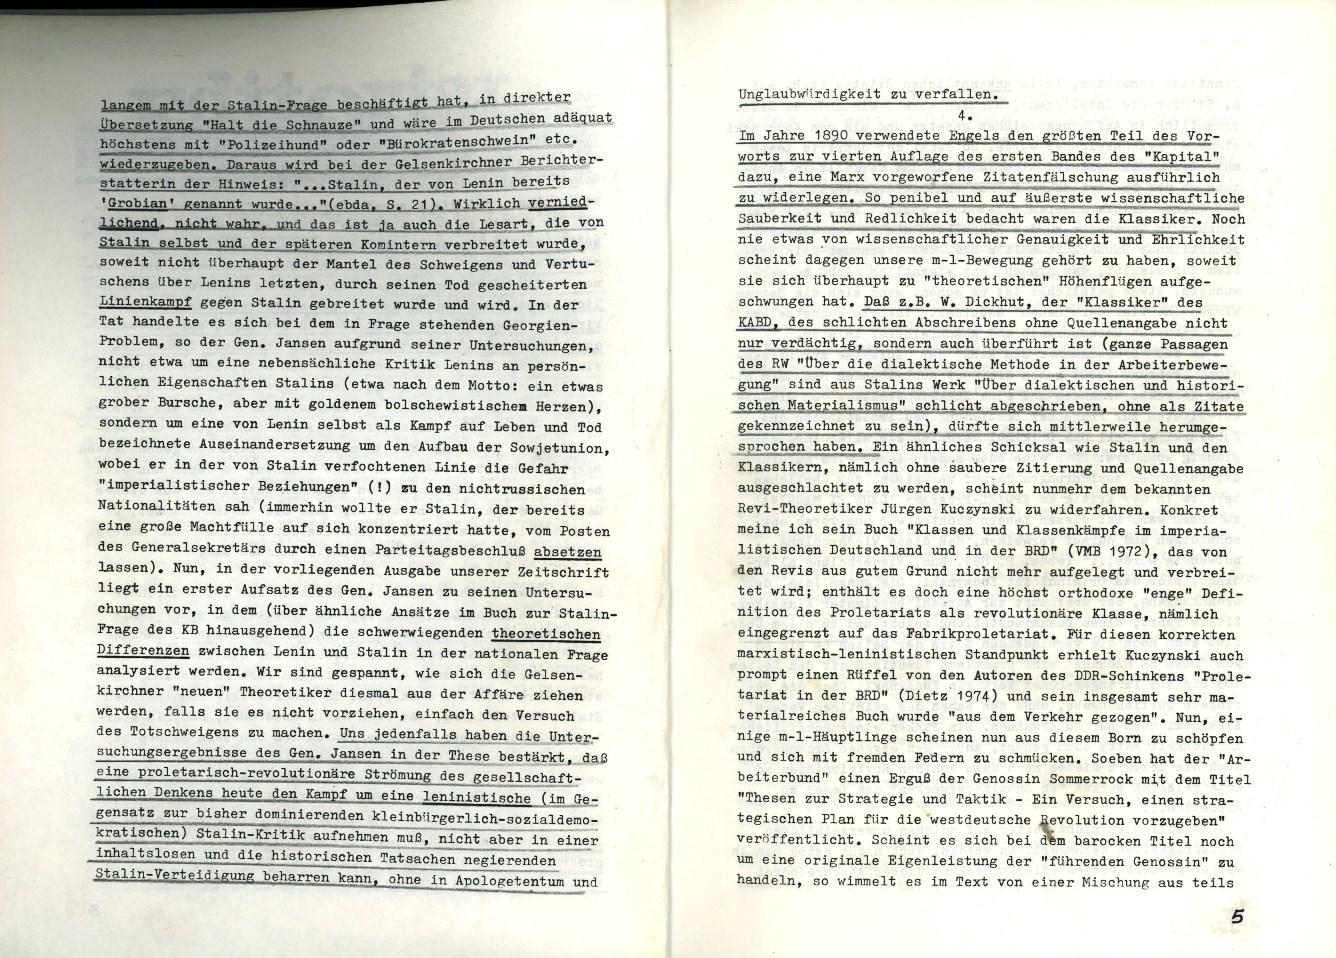 Erlangen_VNS_Neue_Stroemung_1980_02_04